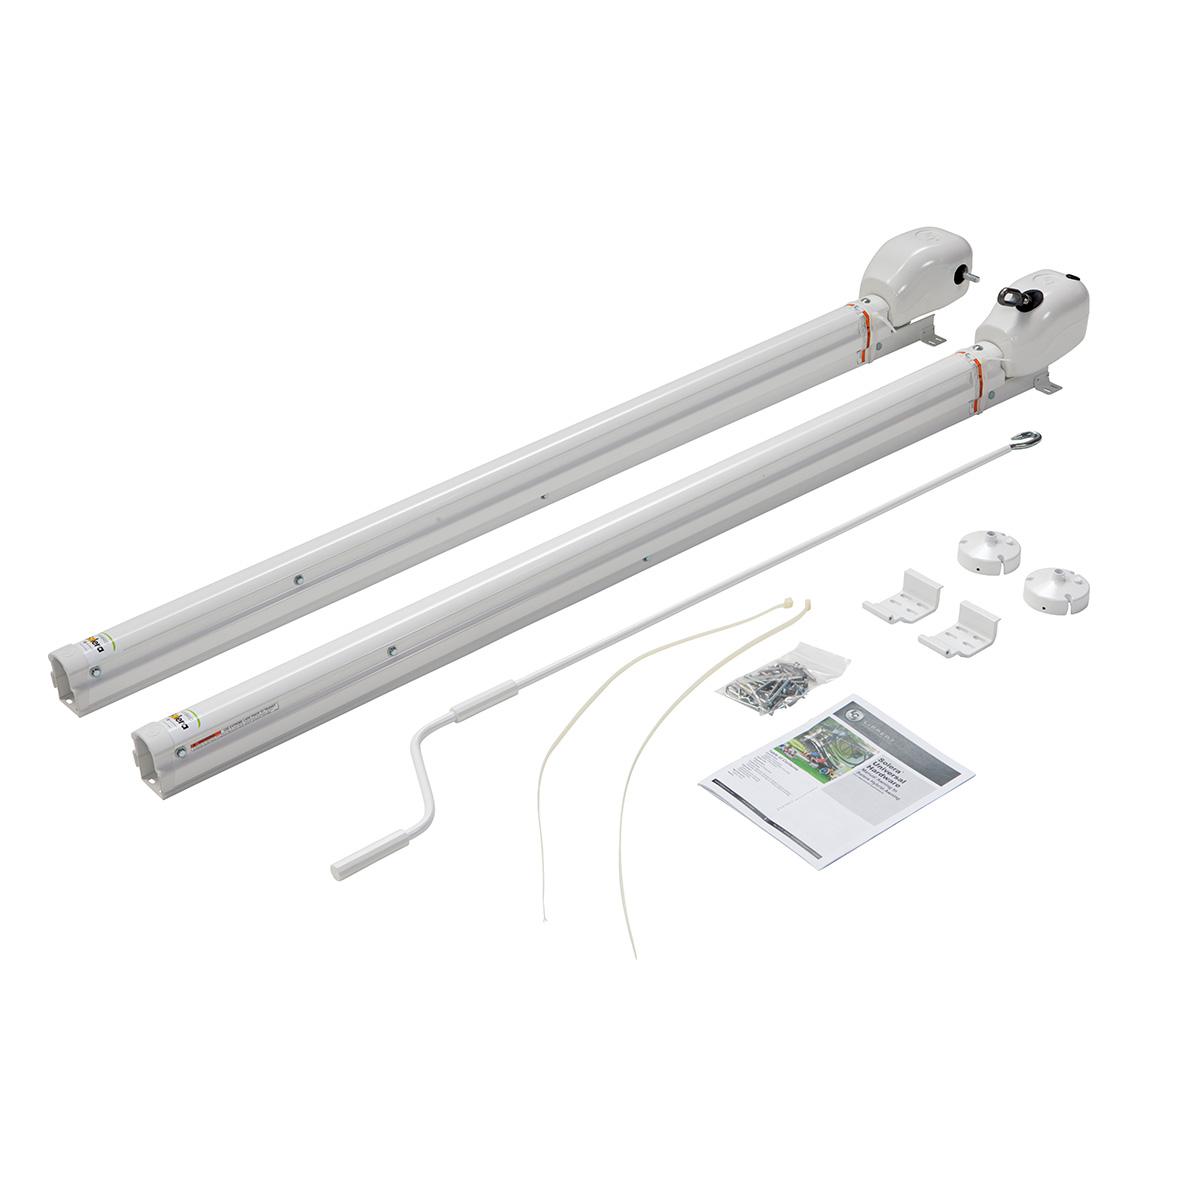 Solera 434728 White 69 Hybrid Universal Awning Hardware Kit